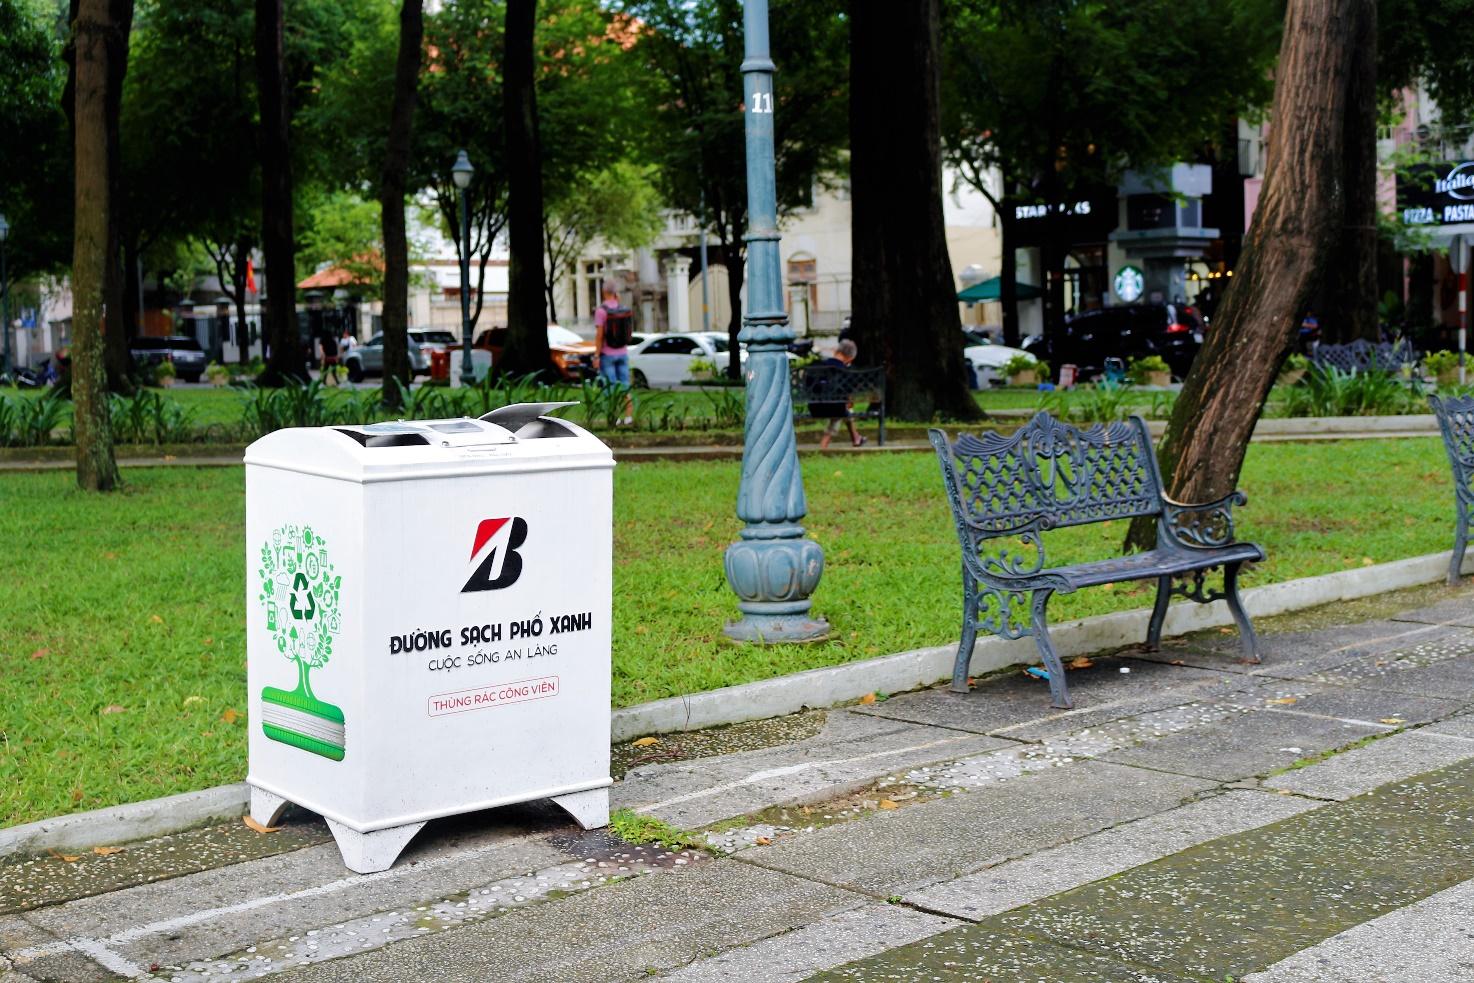 Xem cách người Nhật bảo vệ môi trường từ việc phân loại rác - Ảnh 3.